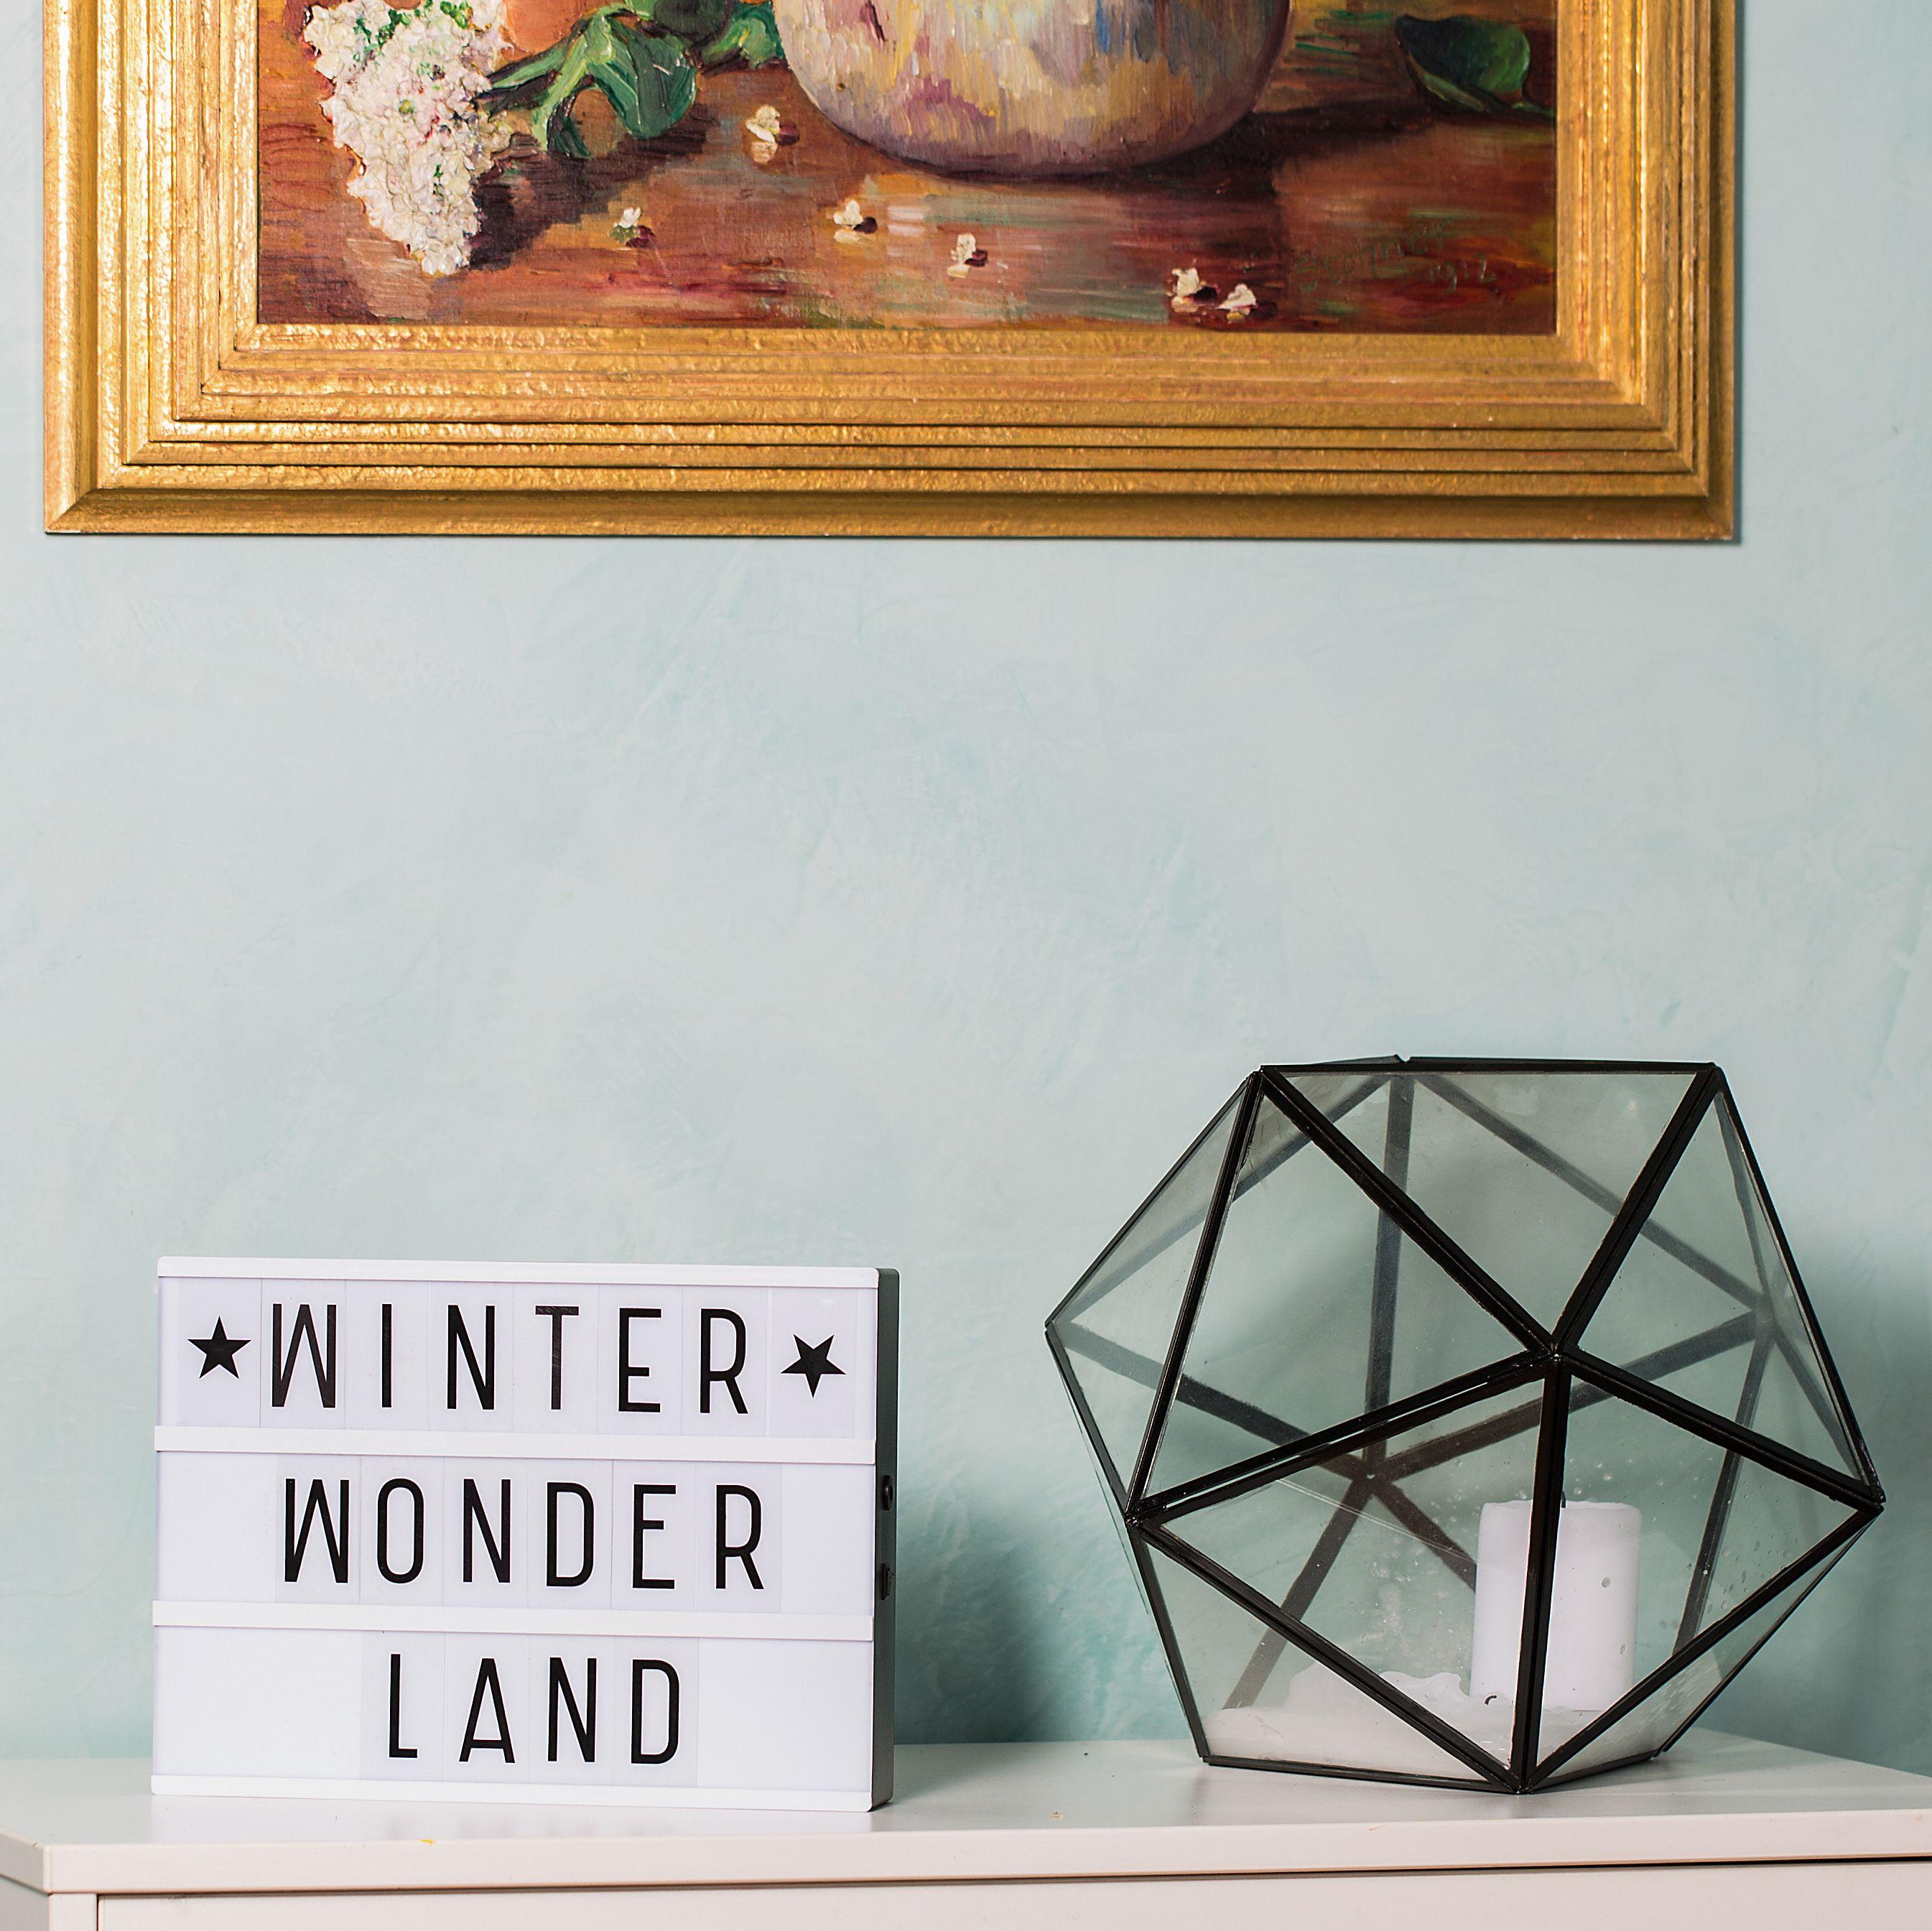 Winter Wonder Land Inspirierende Sprüche Für Die Weihnachtszeit. Schmücke  Deine Wohnung Mit Light Box,